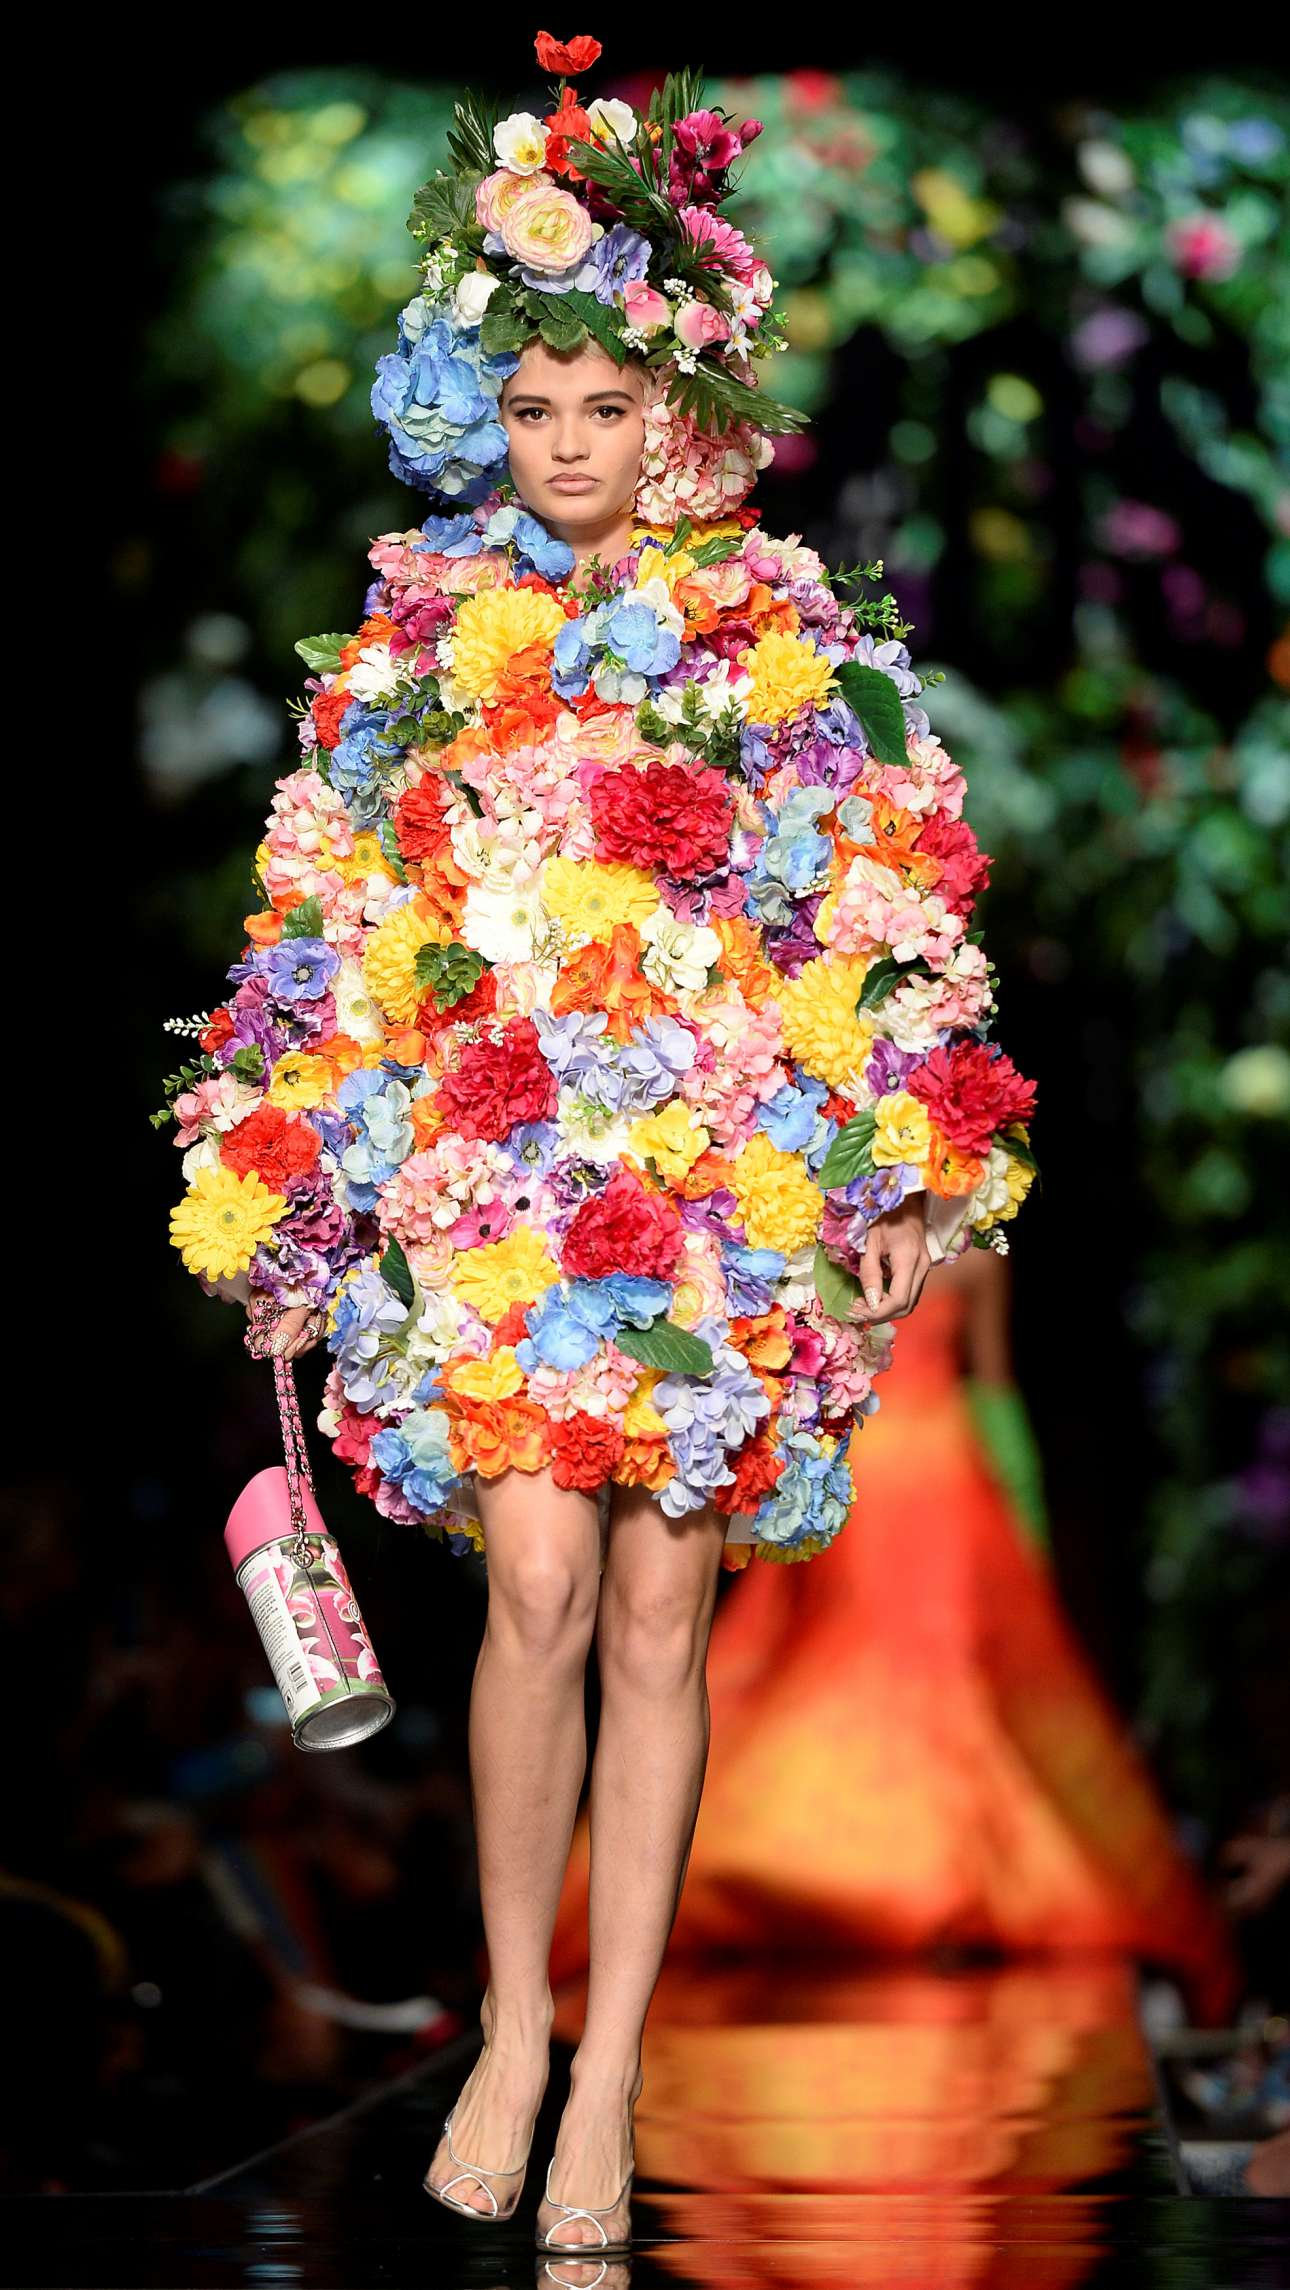 Η εντυπωσιακή Εβδομάδα Μόδας στο Μιλάνο  c3c36581696